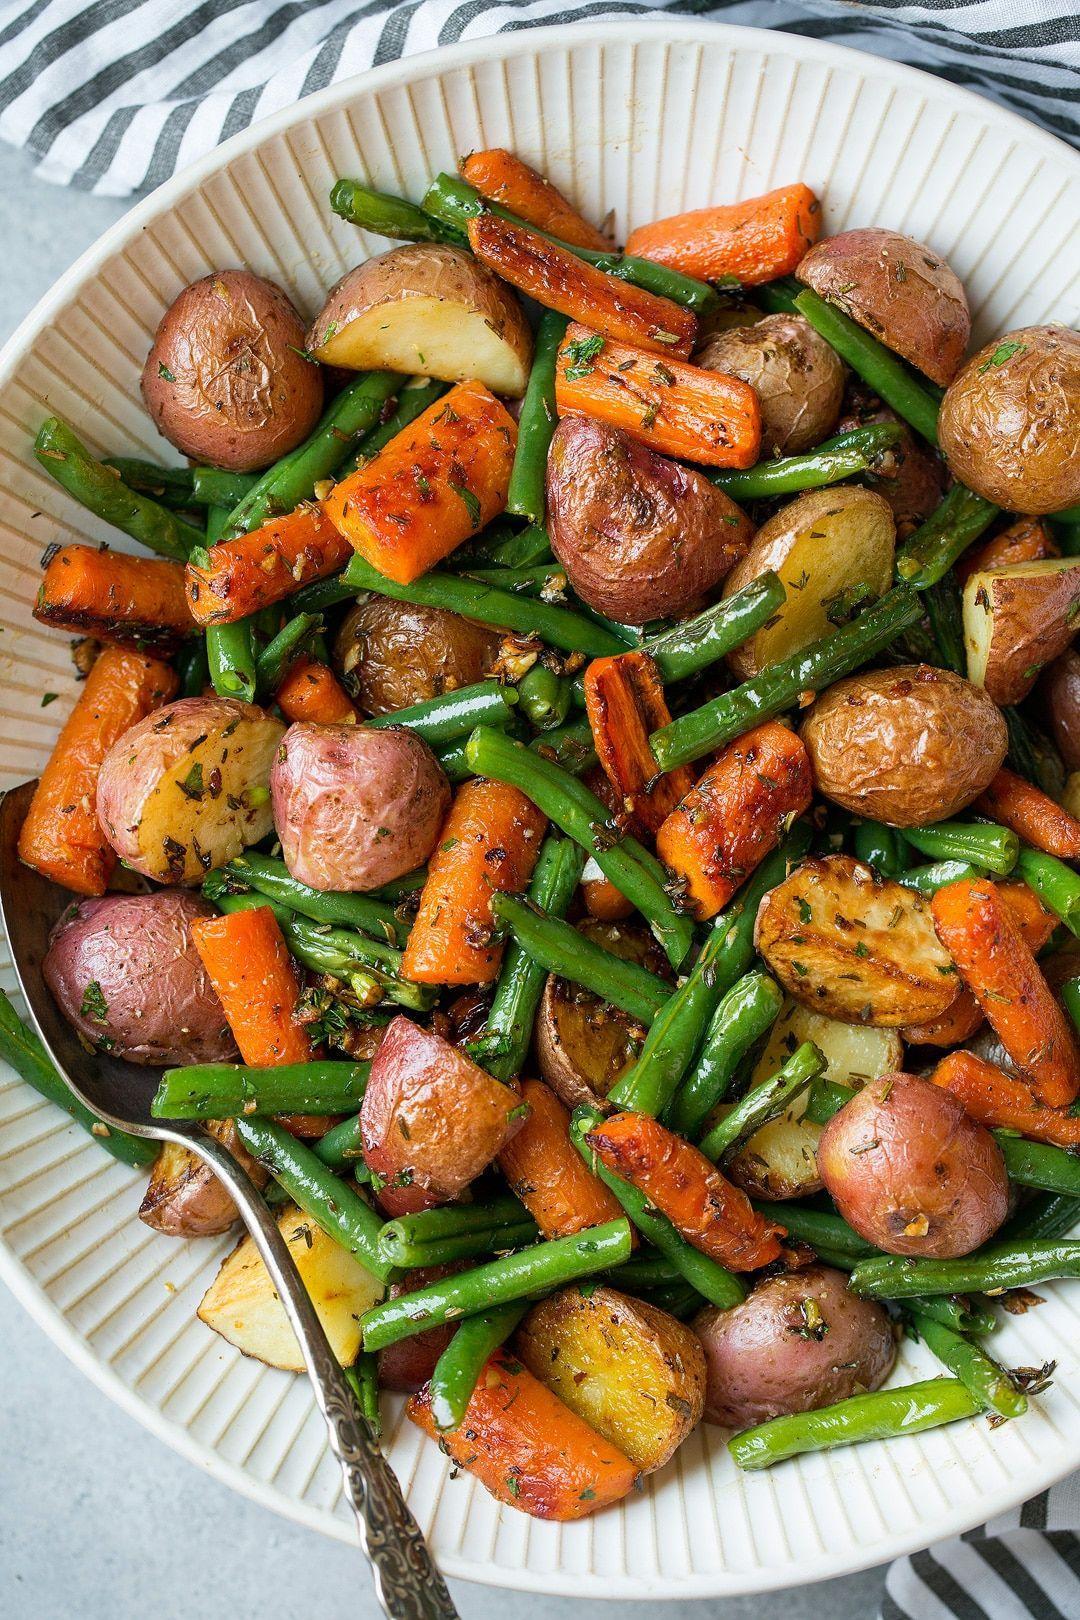 Mélange végétarien de pommes de terre, carottes et haricots verts